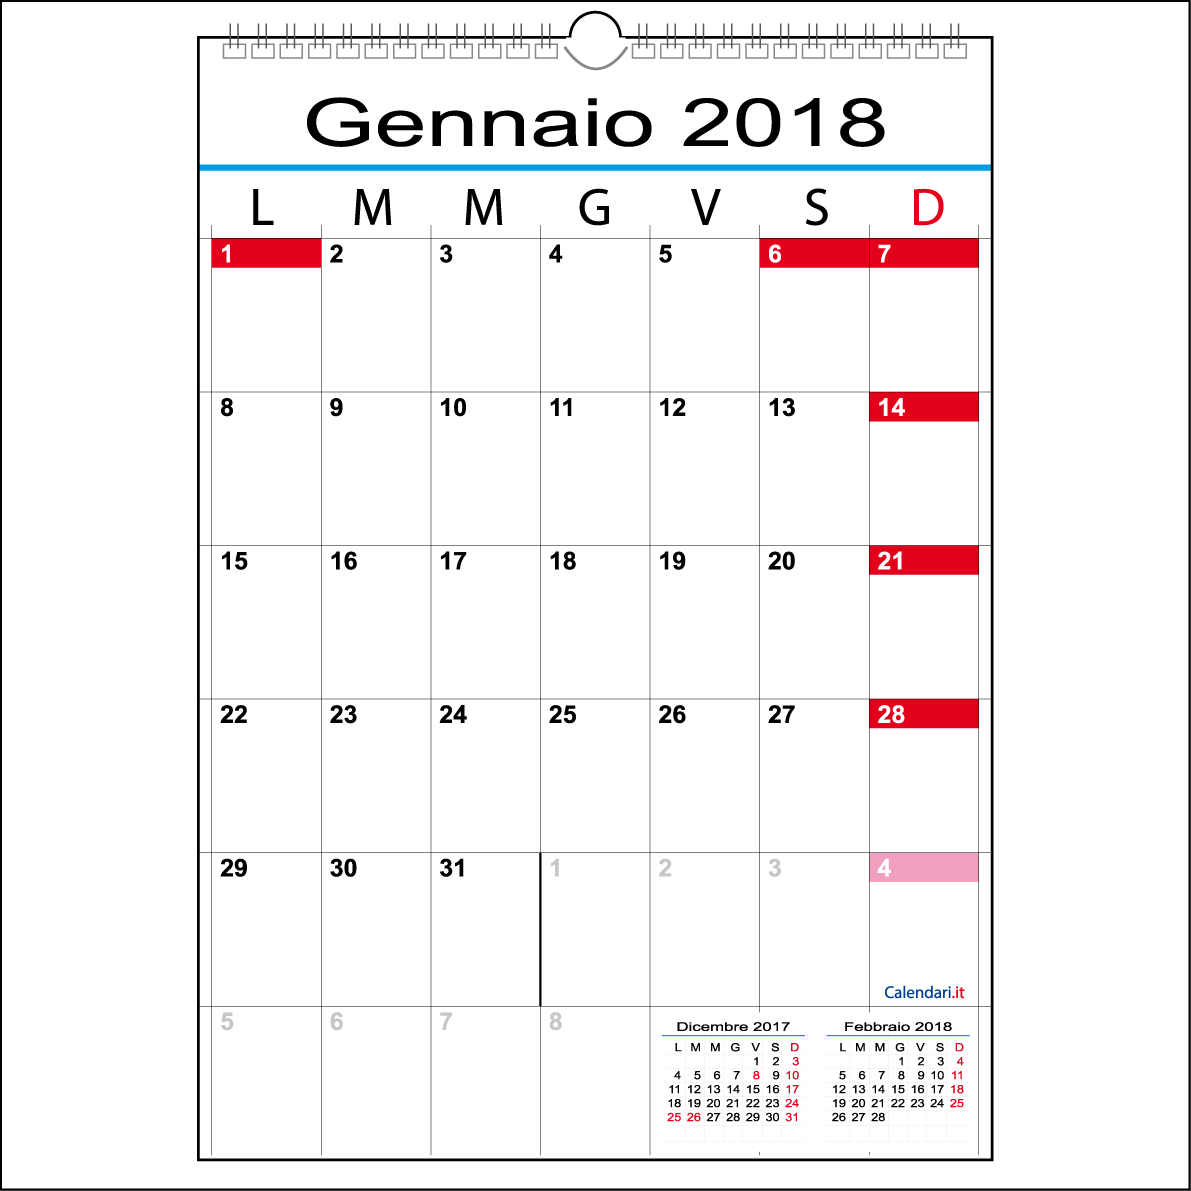 Calendario E Santi.Il Braccio Di Jahve Com E Triste Un Calendario Senza Santi